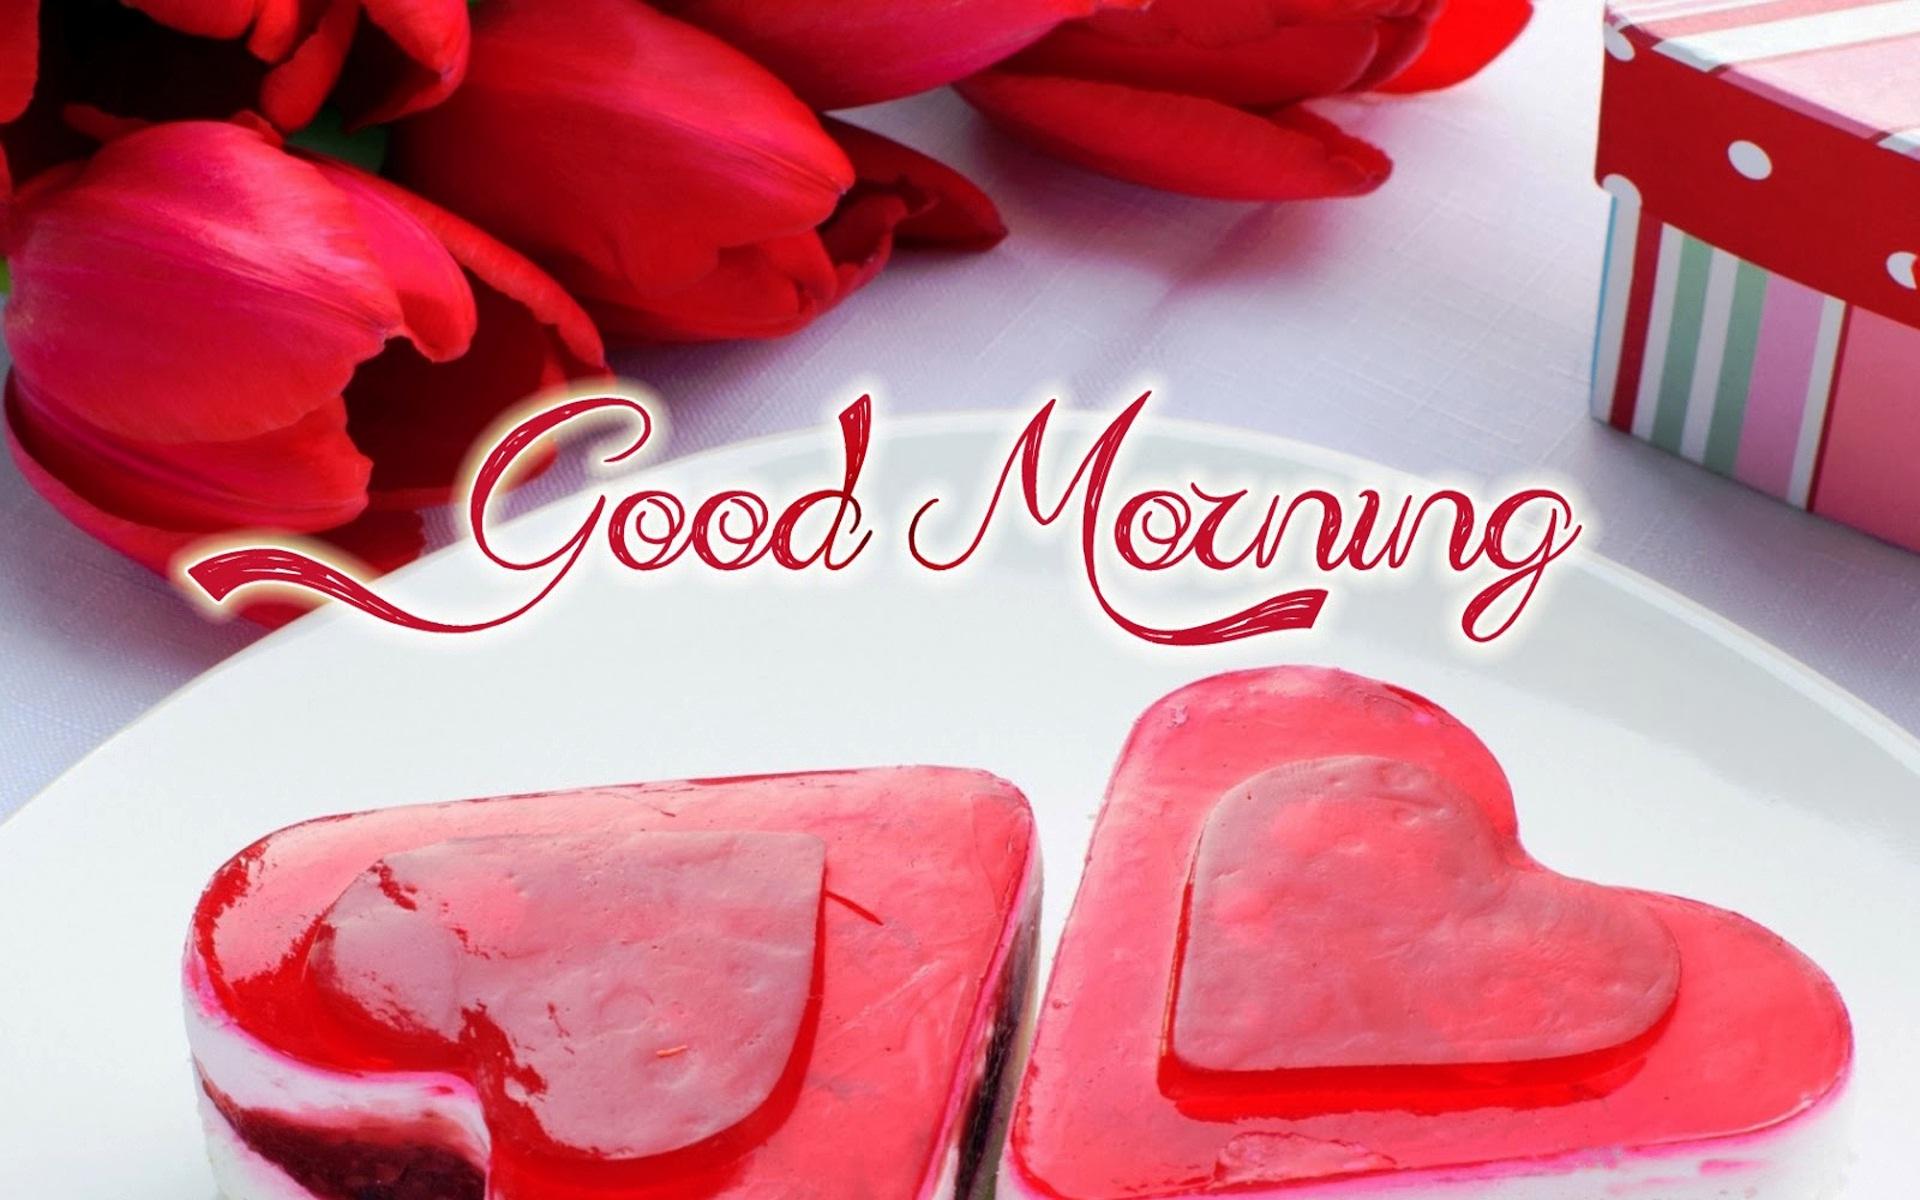 بالصور رسائل صباحية للحبيب , اجمل الماسيدجات الرومانسية في الصباح 3486 4